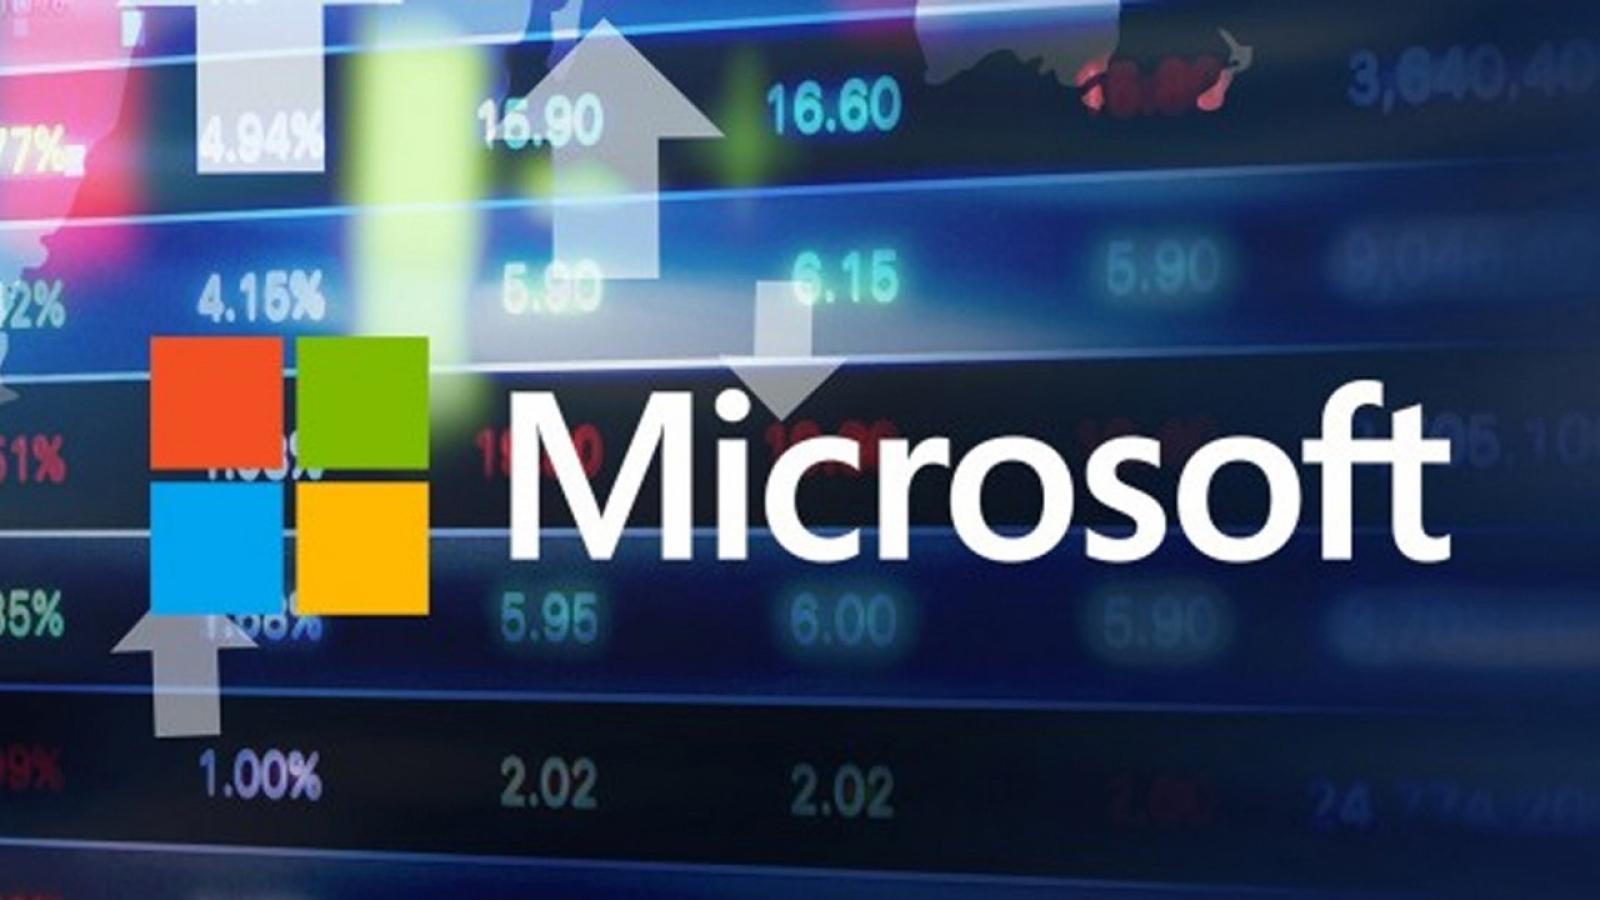 Doanh số bán hàng 46,2 tỷ USD trong quý 2, Microsoft đạt lợi nhuận cao nhất